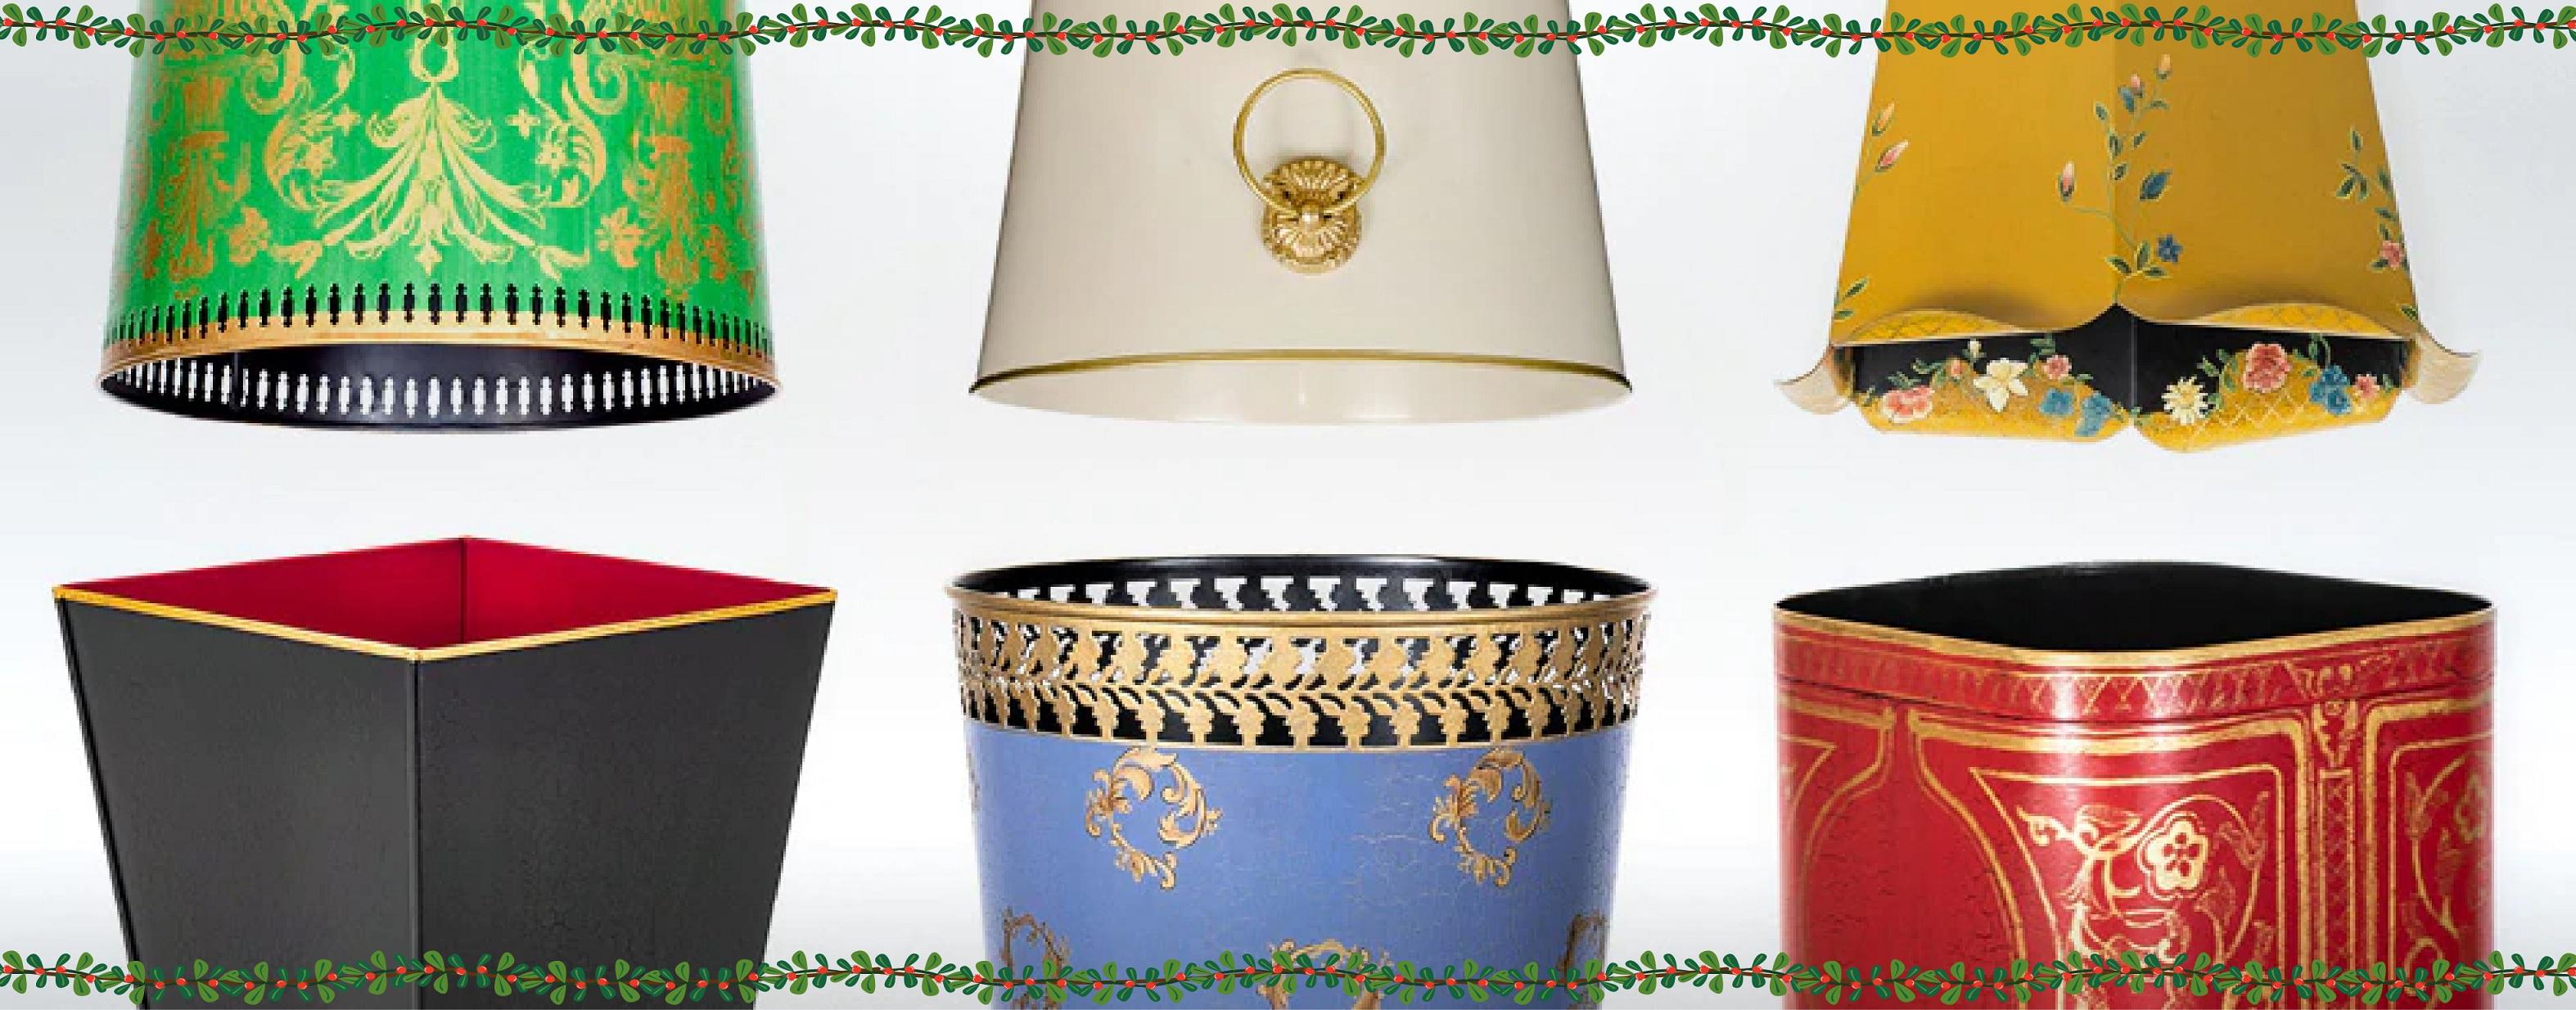 Quality designer Luxury Waste Paper Bins Baskets Metal Wood Bedroom Living Room